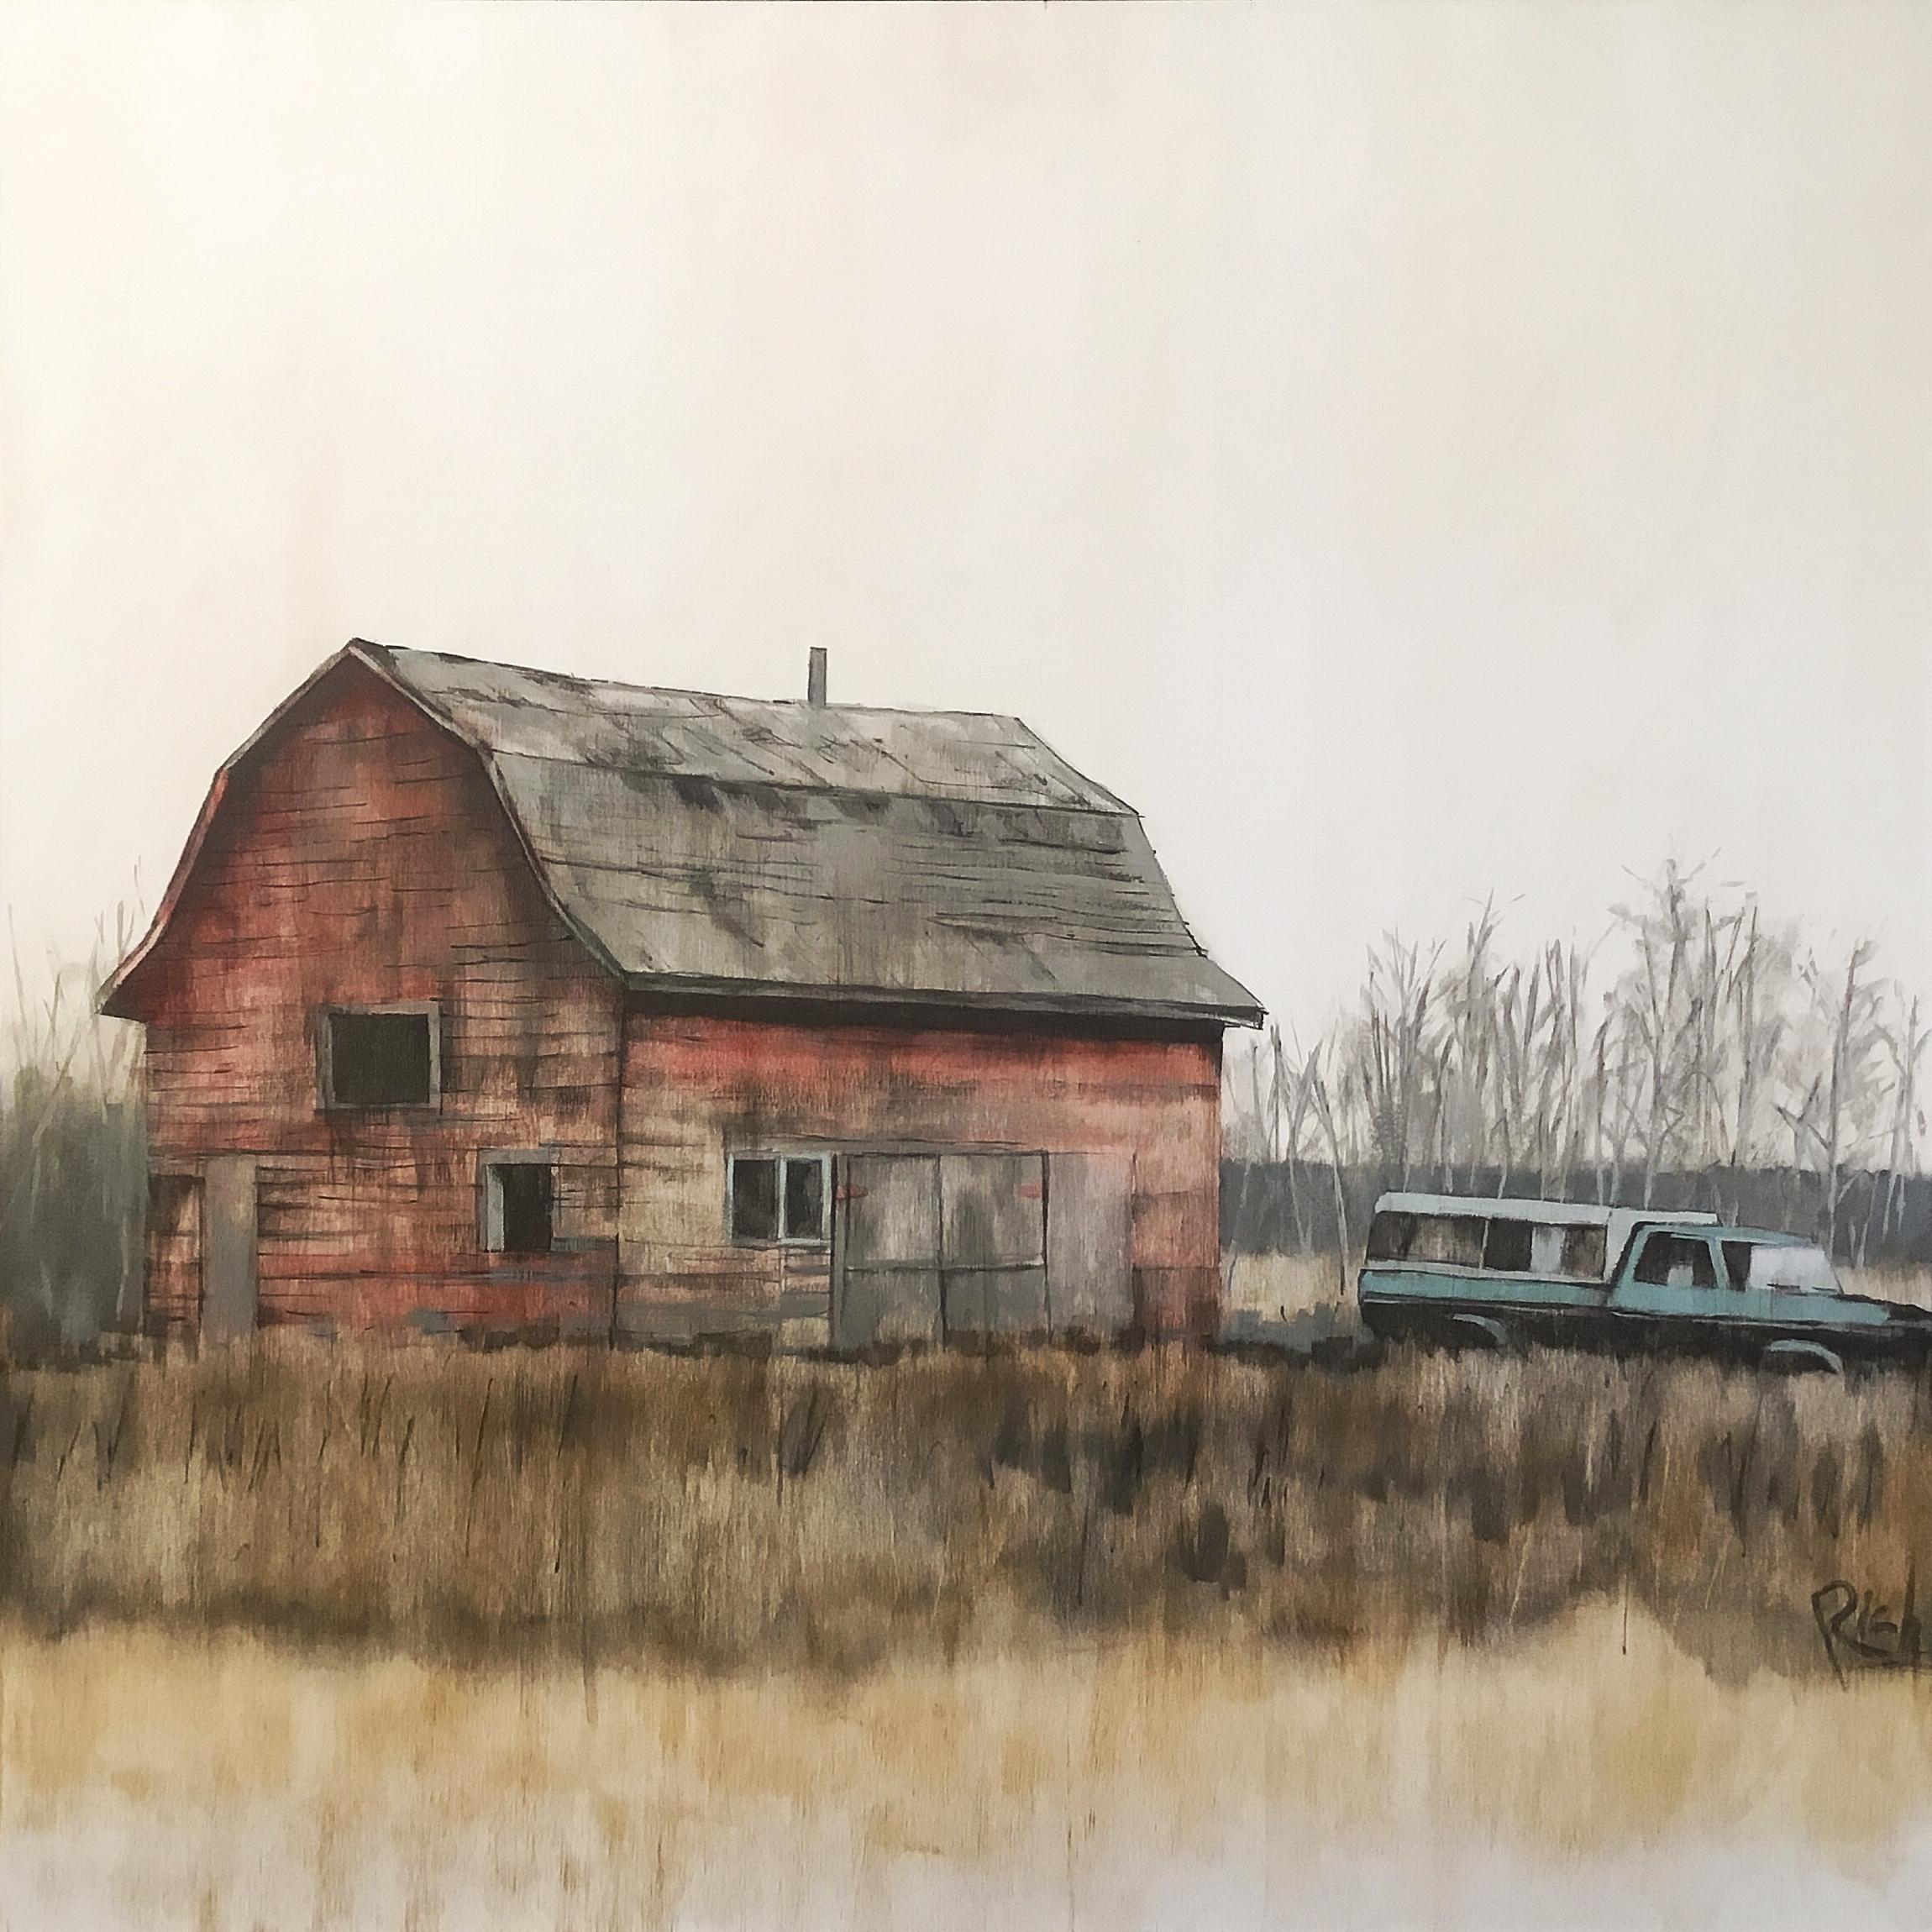 Barn on board  Acrylic on birch panel 30x30